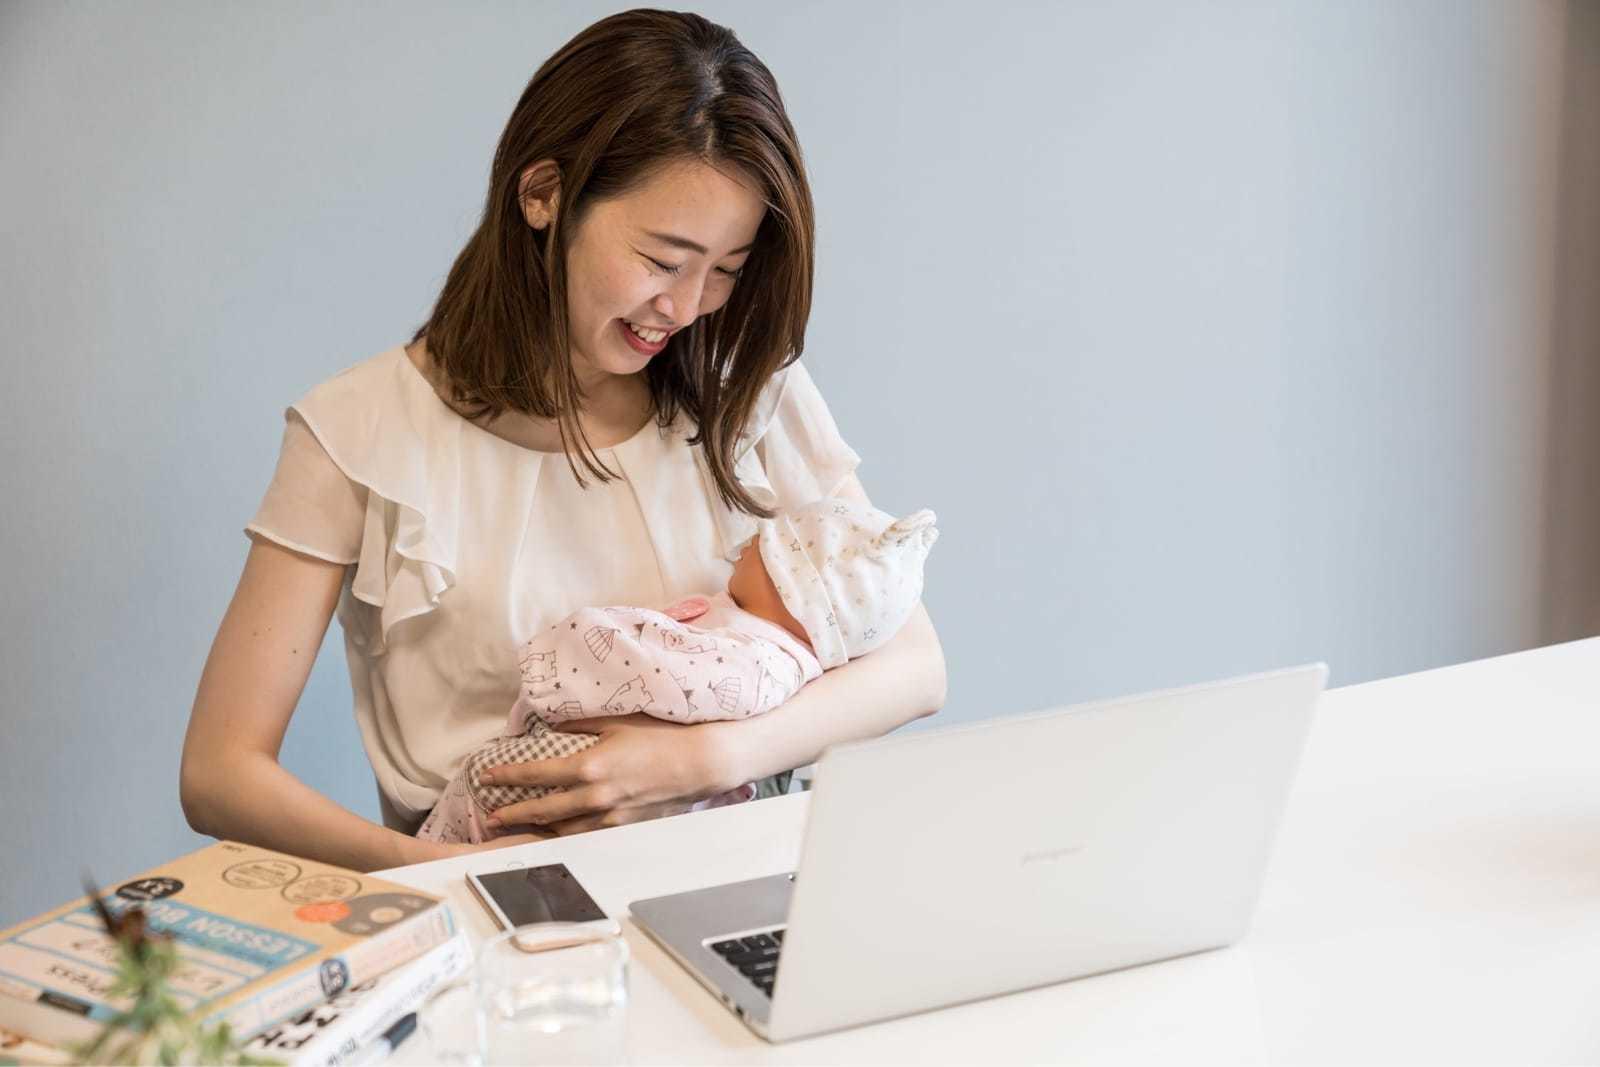 子供を抱きながらパソコンの前に座る女性